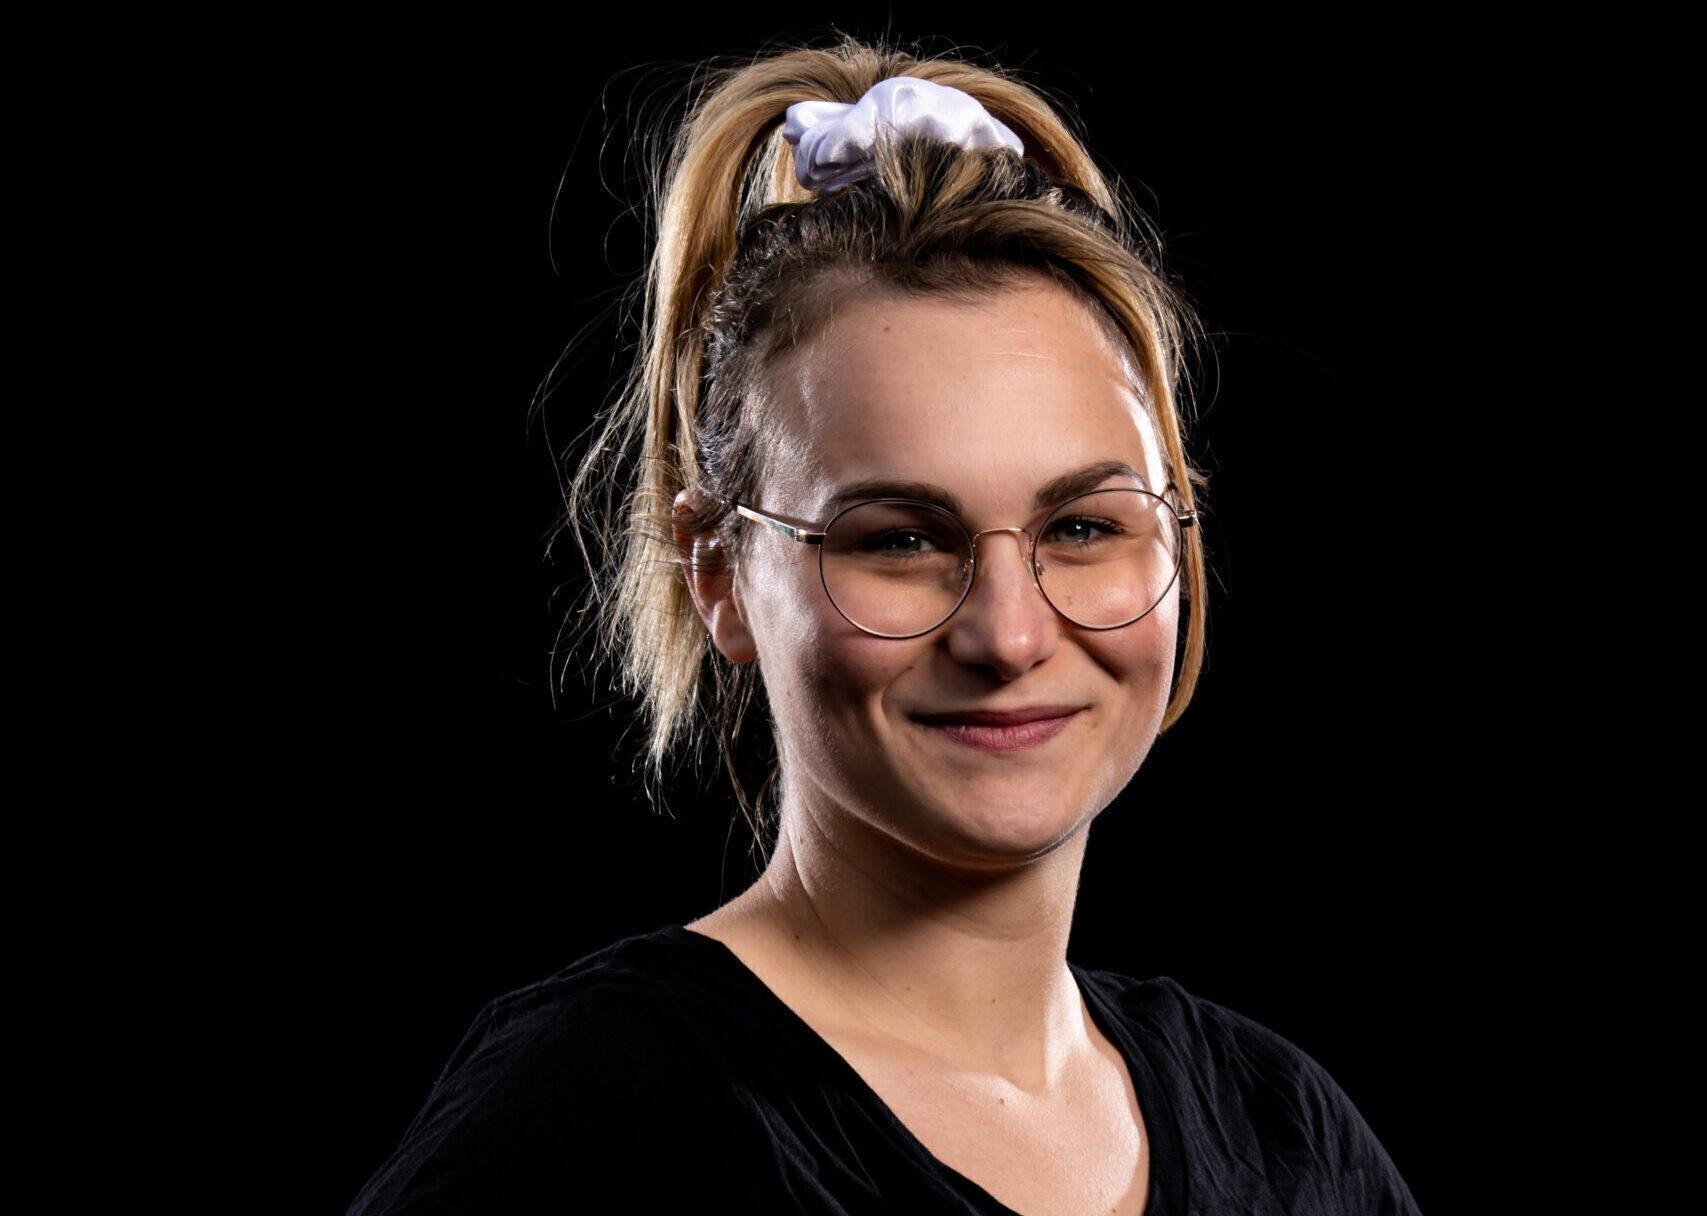 Jessica Jolicoeur